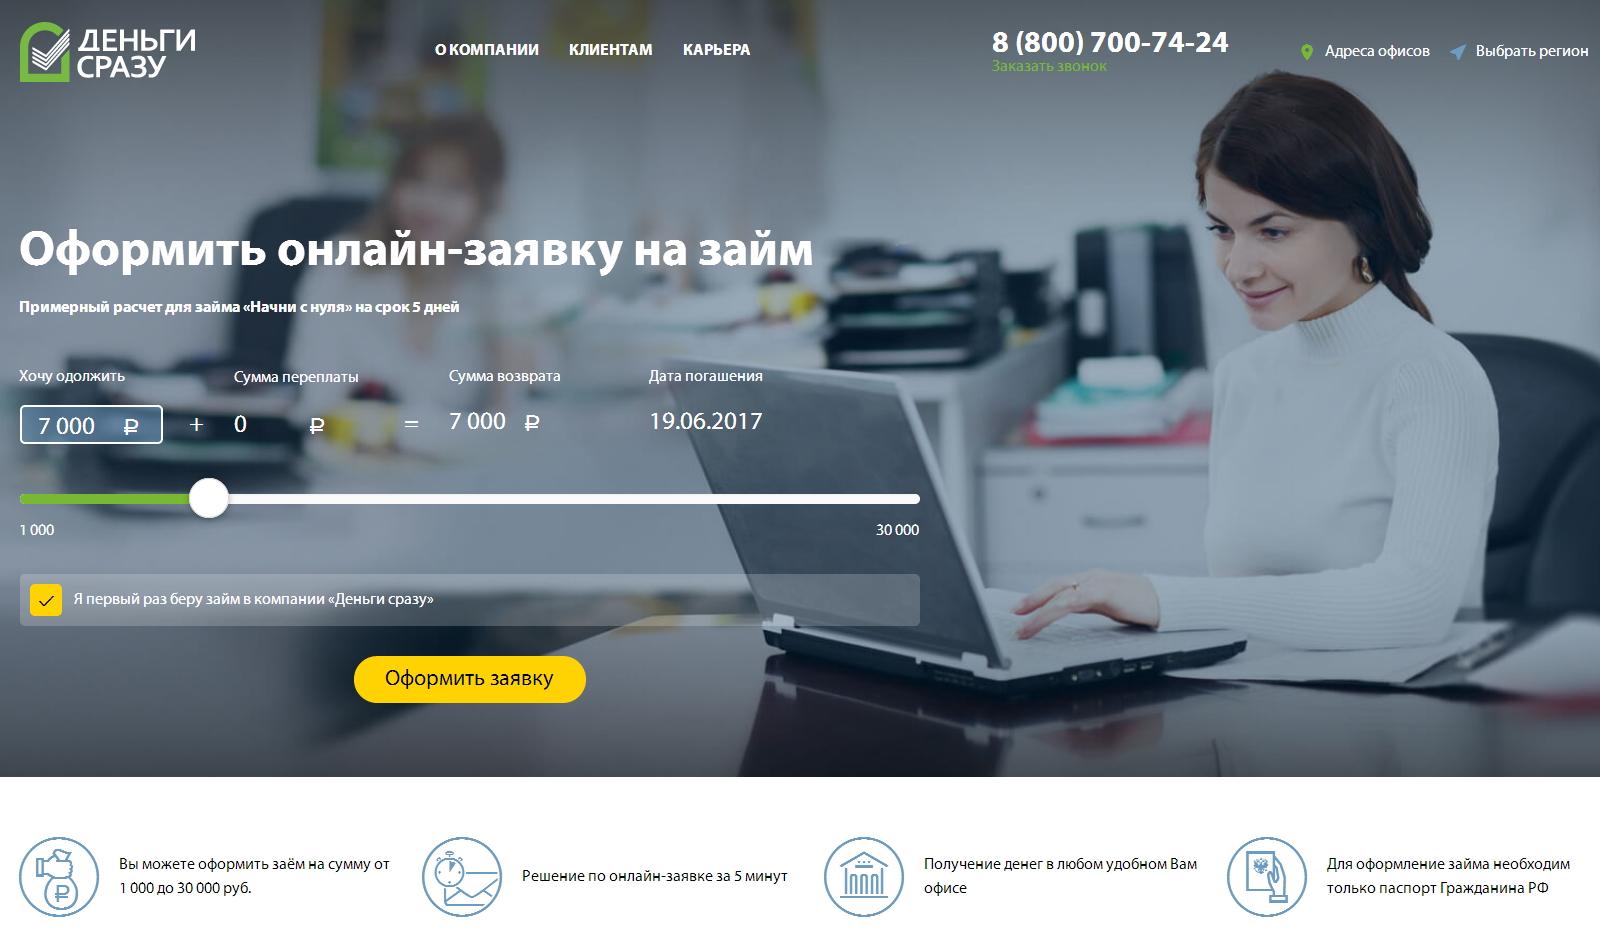 Оформить кредитную карту мтс онлайн с моментальным